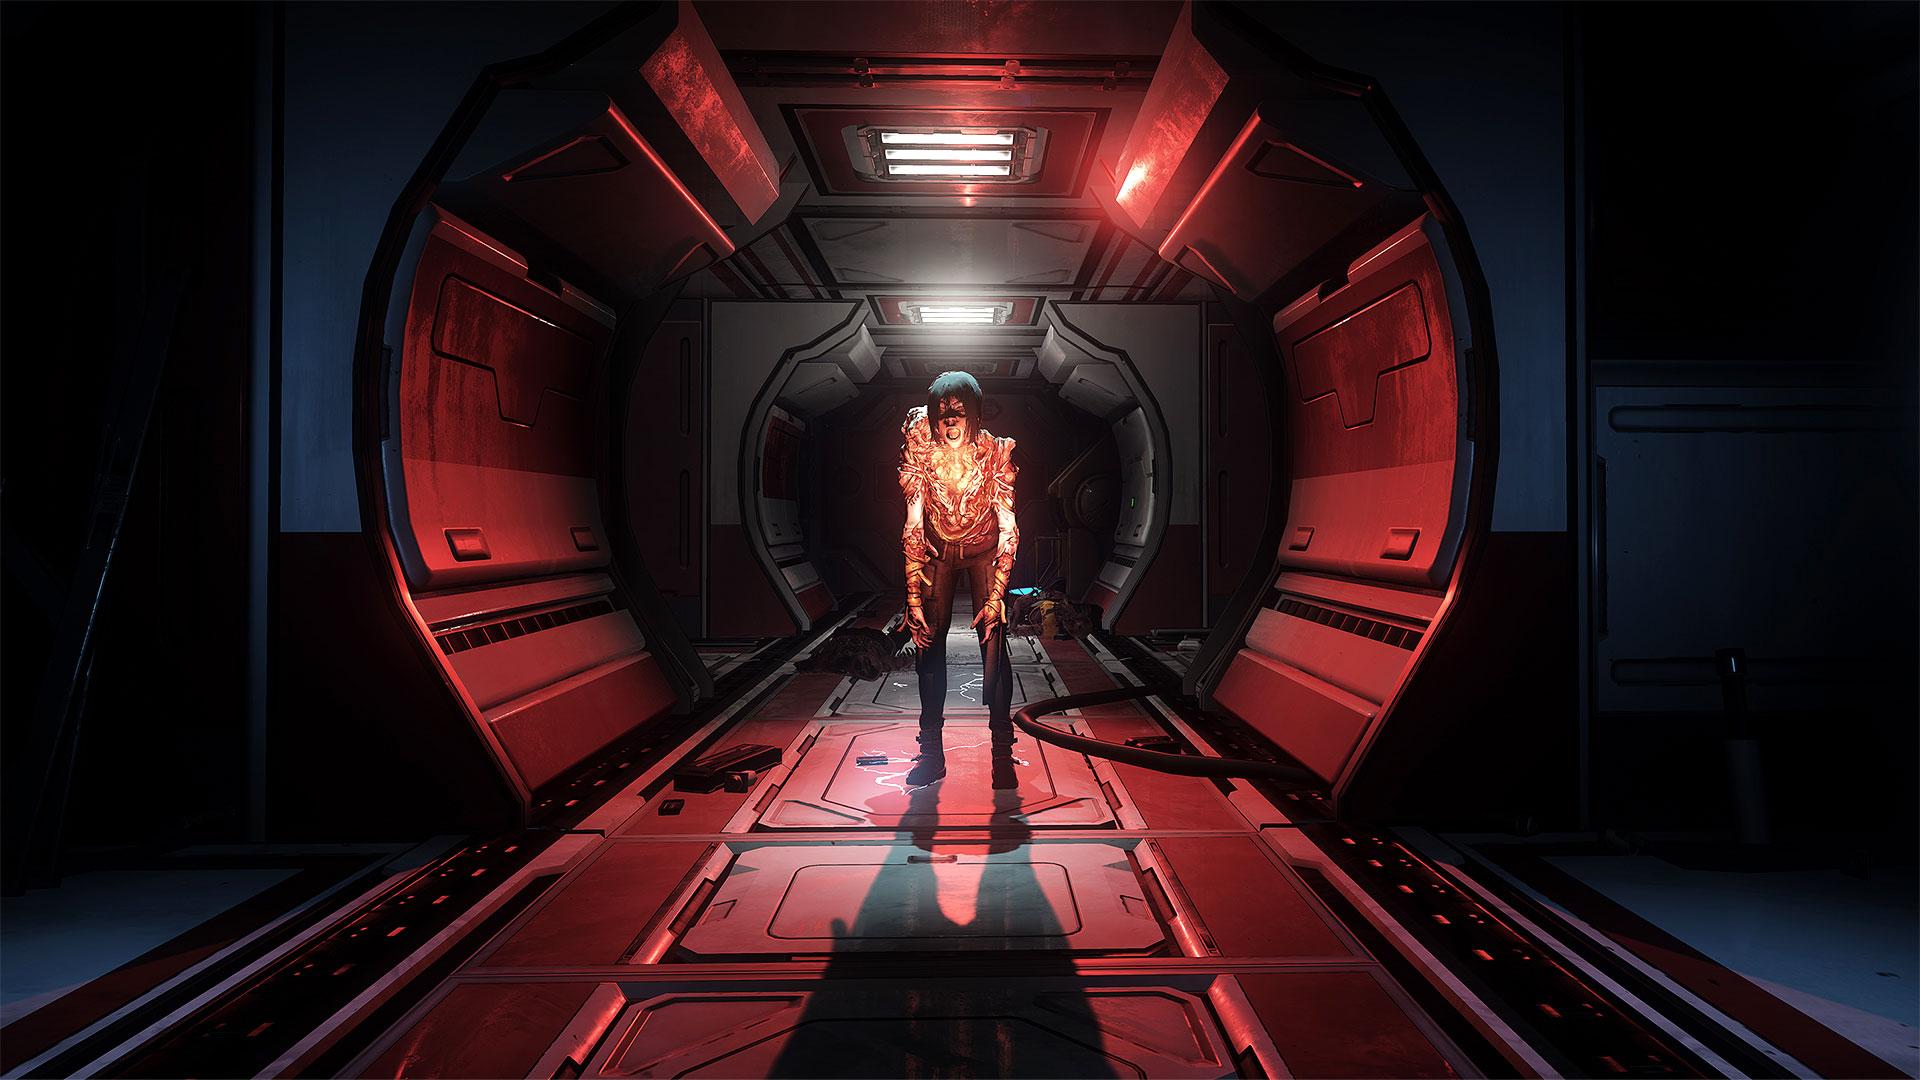 Der Marsch durch die dunklen Korridore des Raumschiffs spielt gekonnt mit Angst und Beklemmung, dem Headset-Sound mangelt es aber an Räumlichkeit.